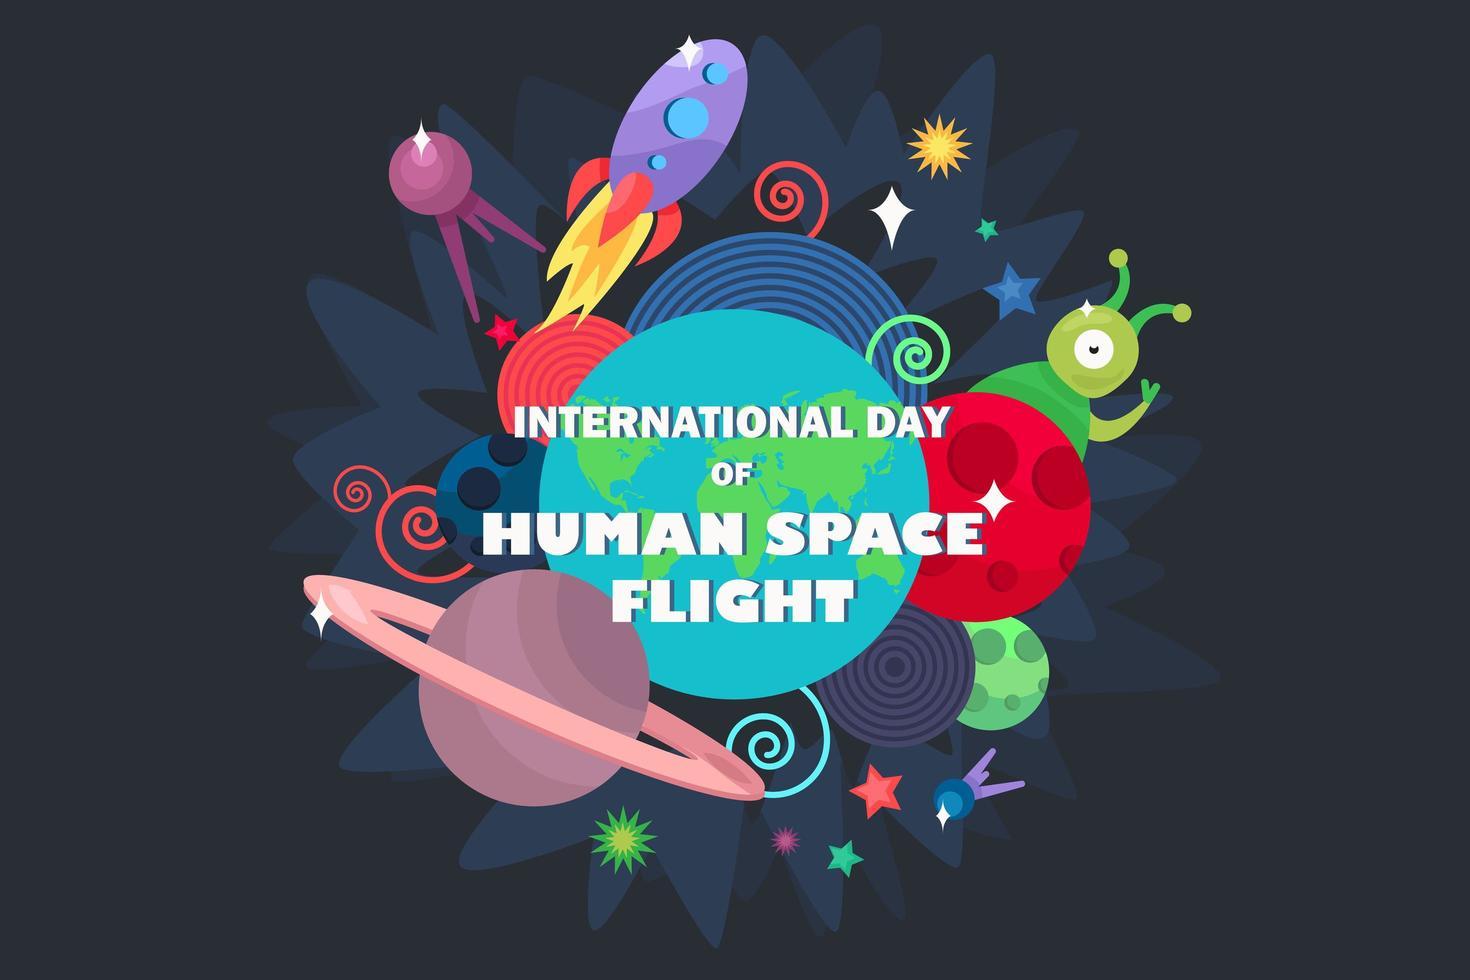 journée internationale du vol spatial humain vecteur